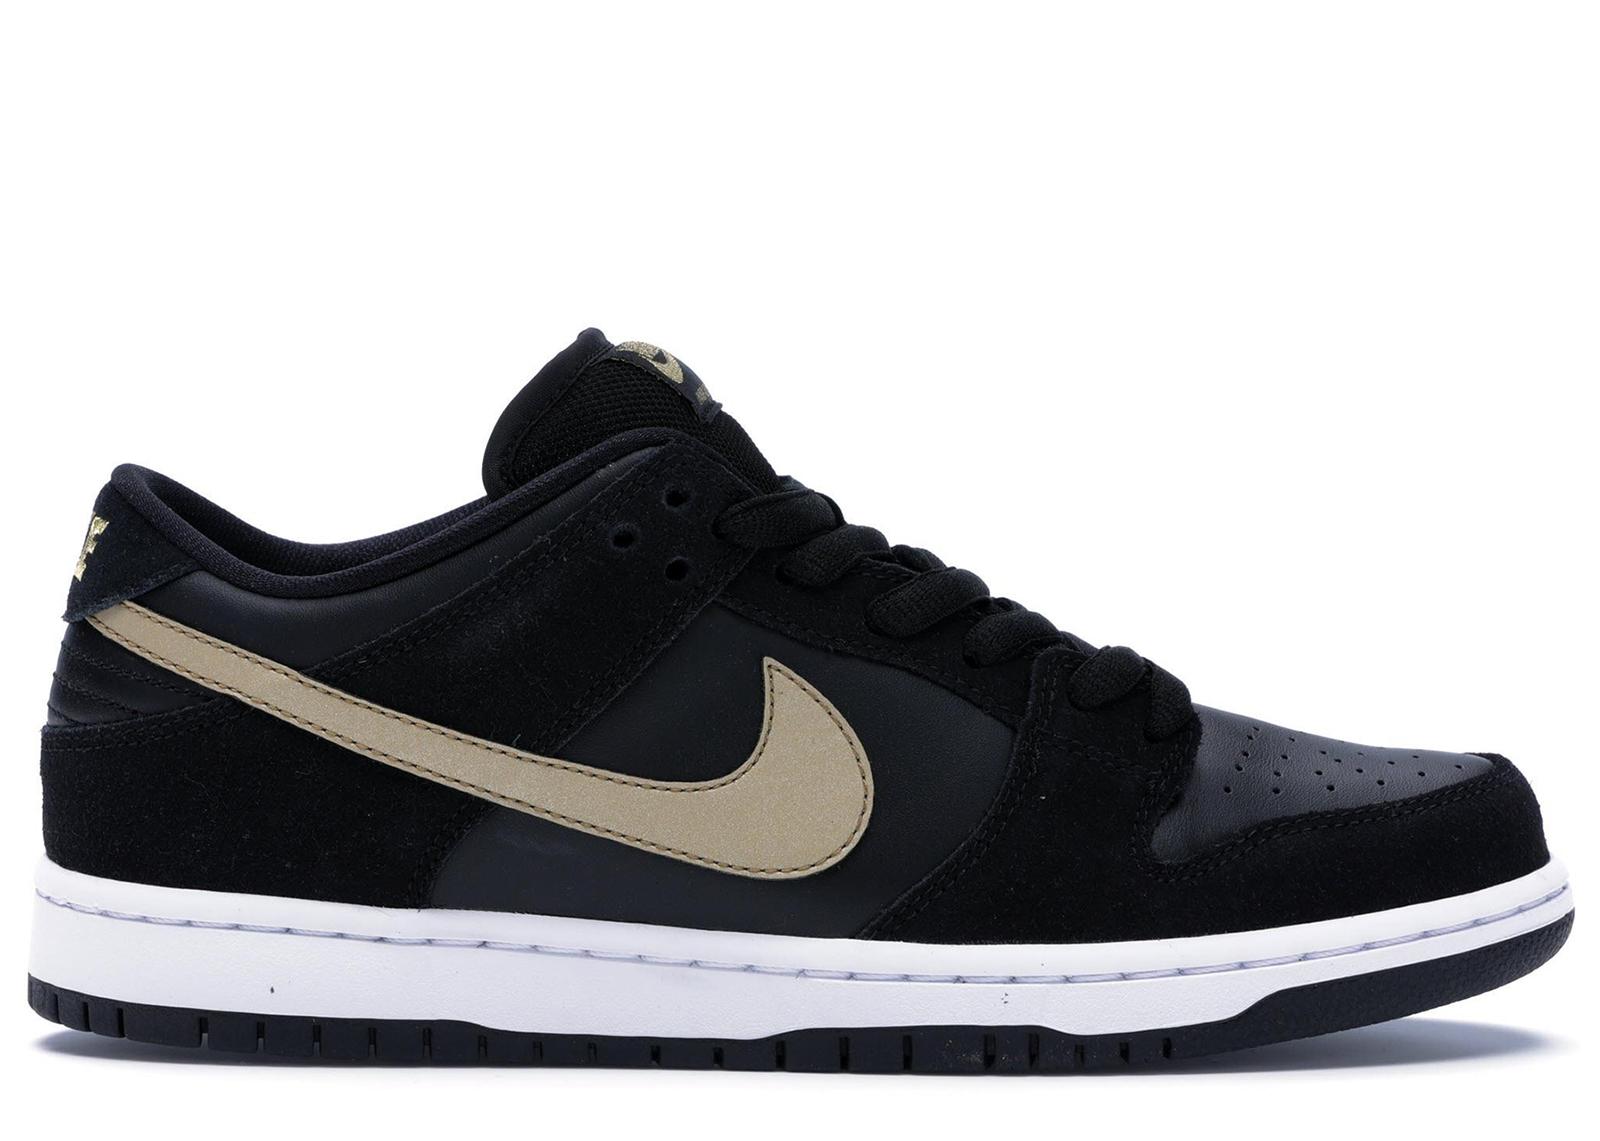 Nike SB Dunk Low Takashi (2018